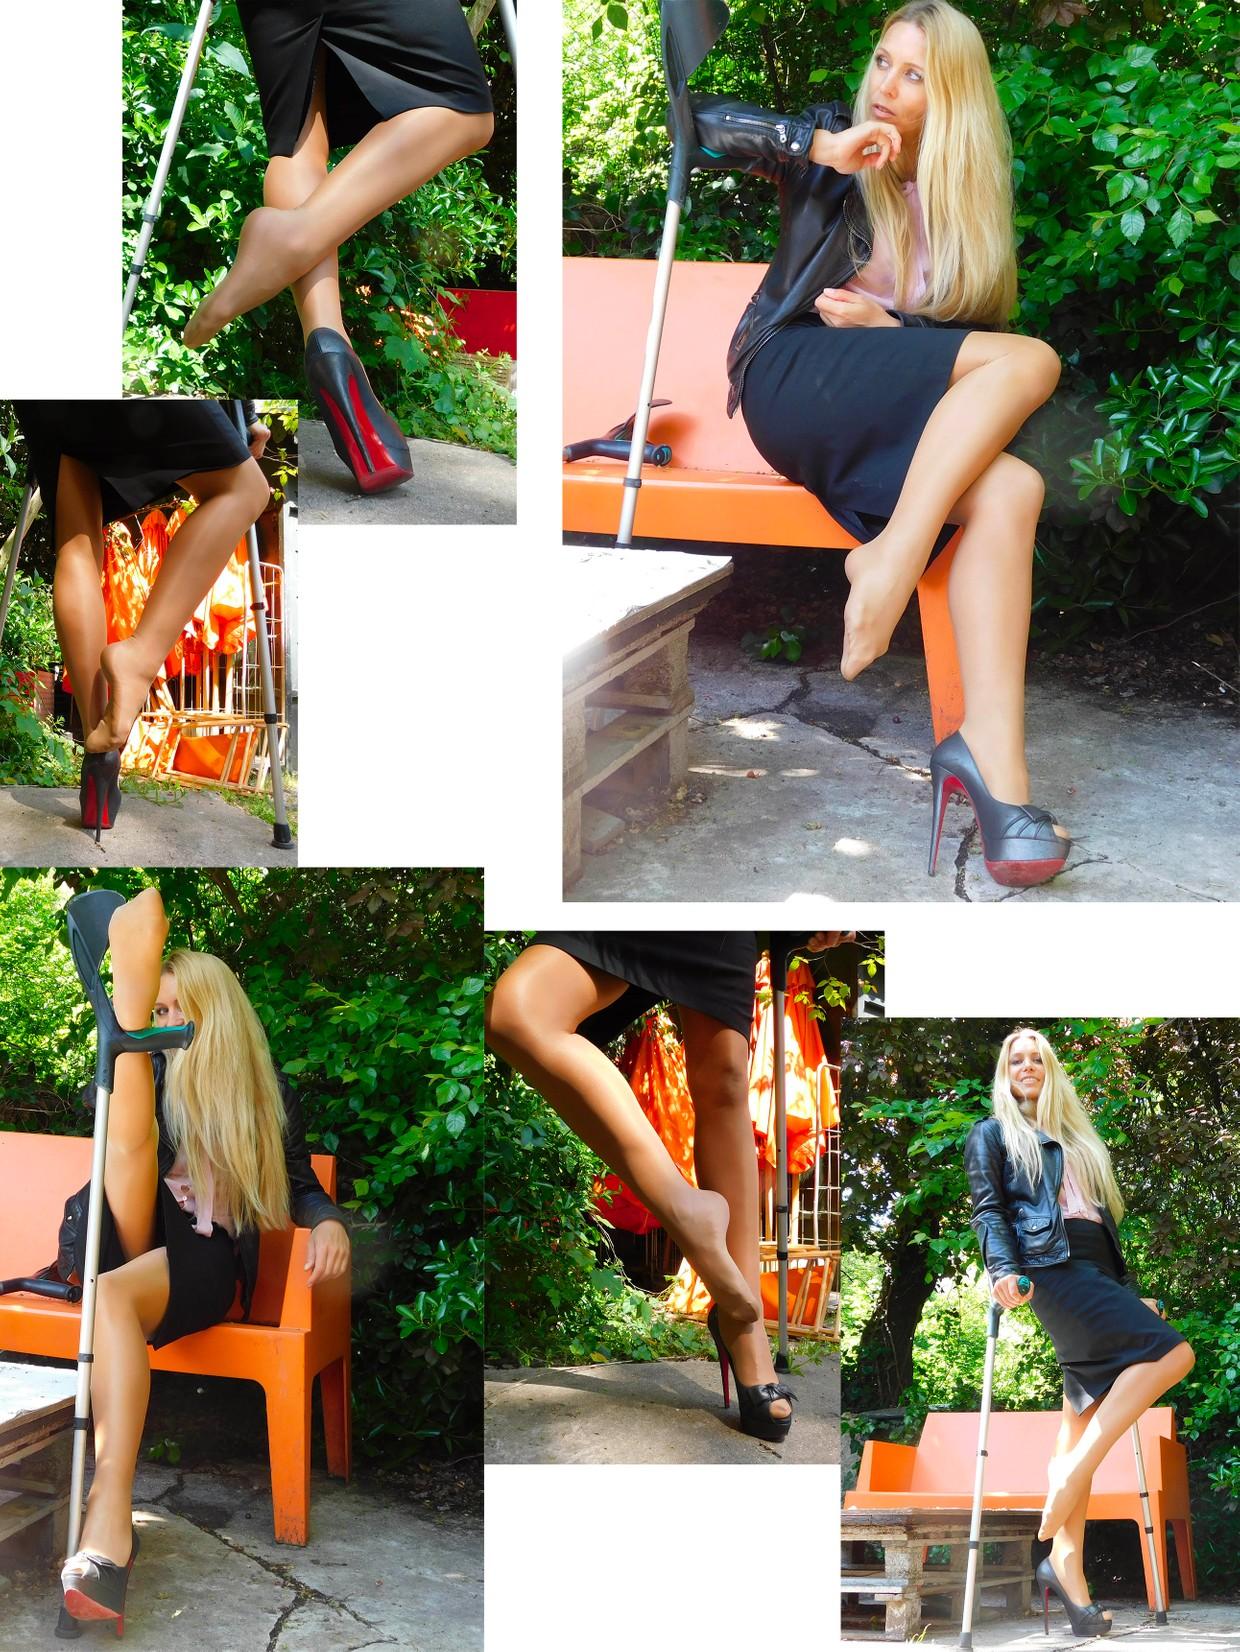 Crutches - Linda on crutches with high-heels.